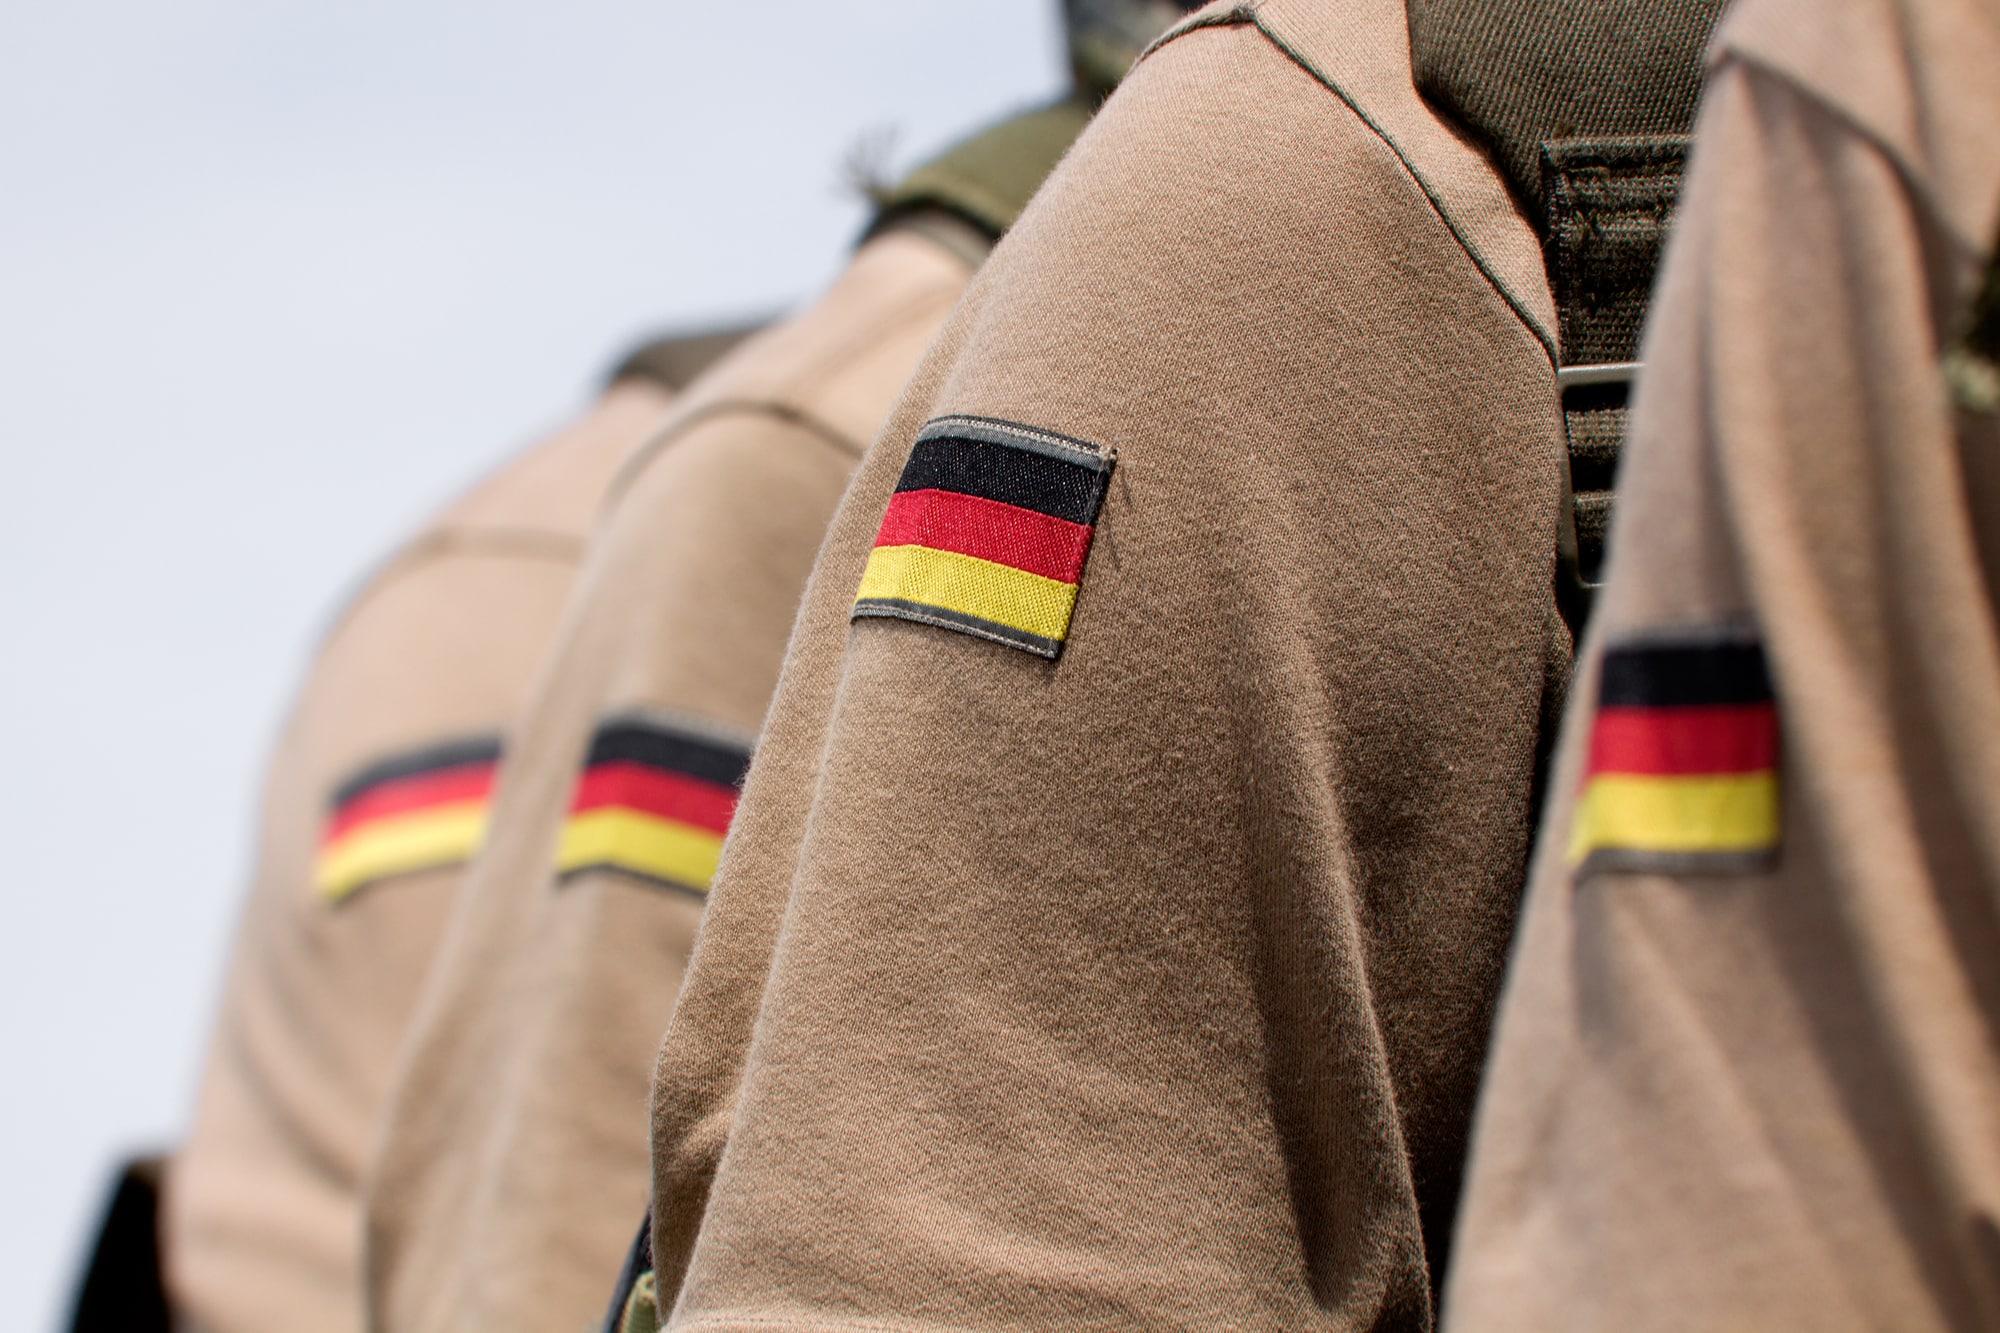 Bundeswehr Einstellungstest: 7 Tipps & 4 Fallstricke beim Eignungstest